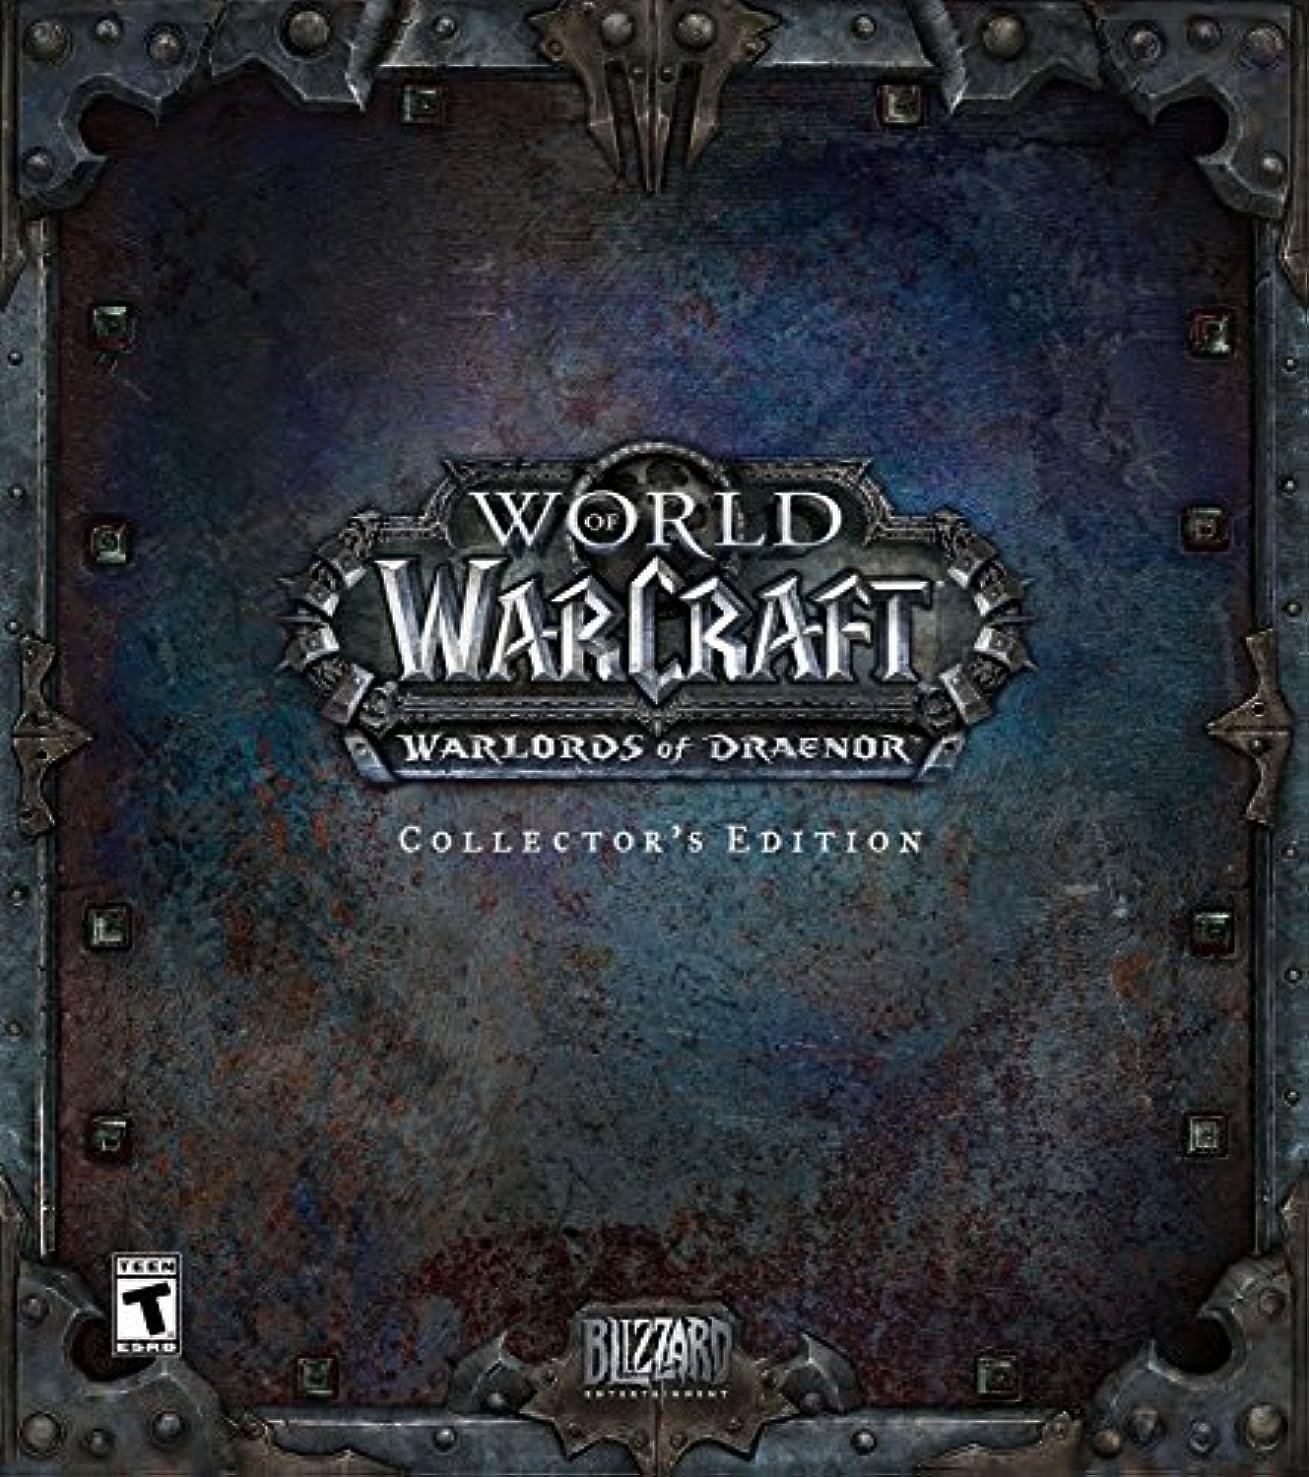 校長アスレチック非常にWorld of Warcraft: Warlords of Draenor Collector's Edition(輸入版:北米)